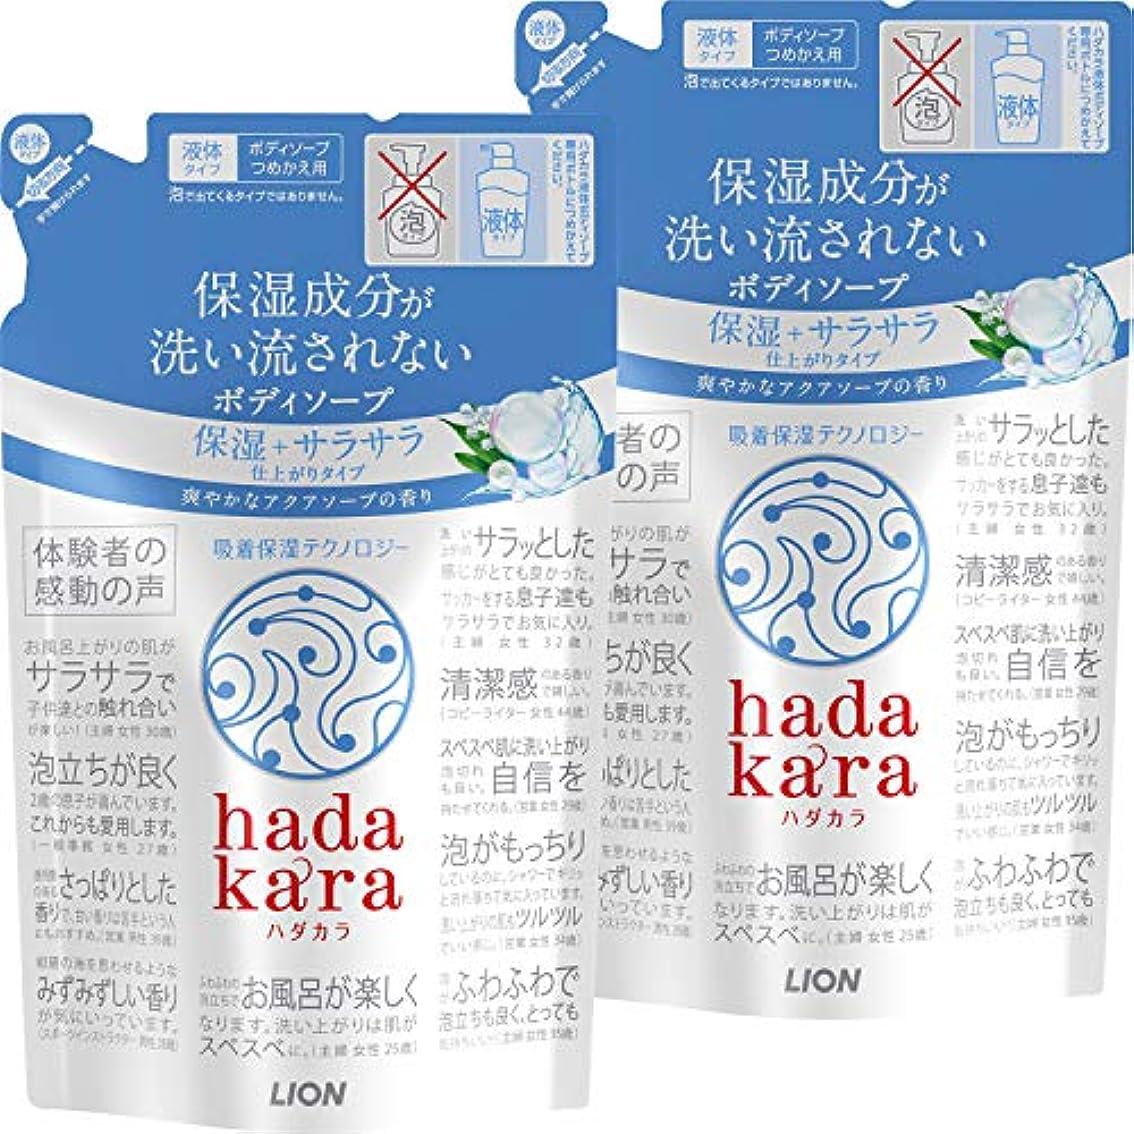 ロイヤリティ扇動する懐疑的【まとめ買い】hadakara(ハダカラ) ボディソープ 保湿+サラサラ仕上がりタイプ アクアソープの香り 詰め替え 340ml×2個パック